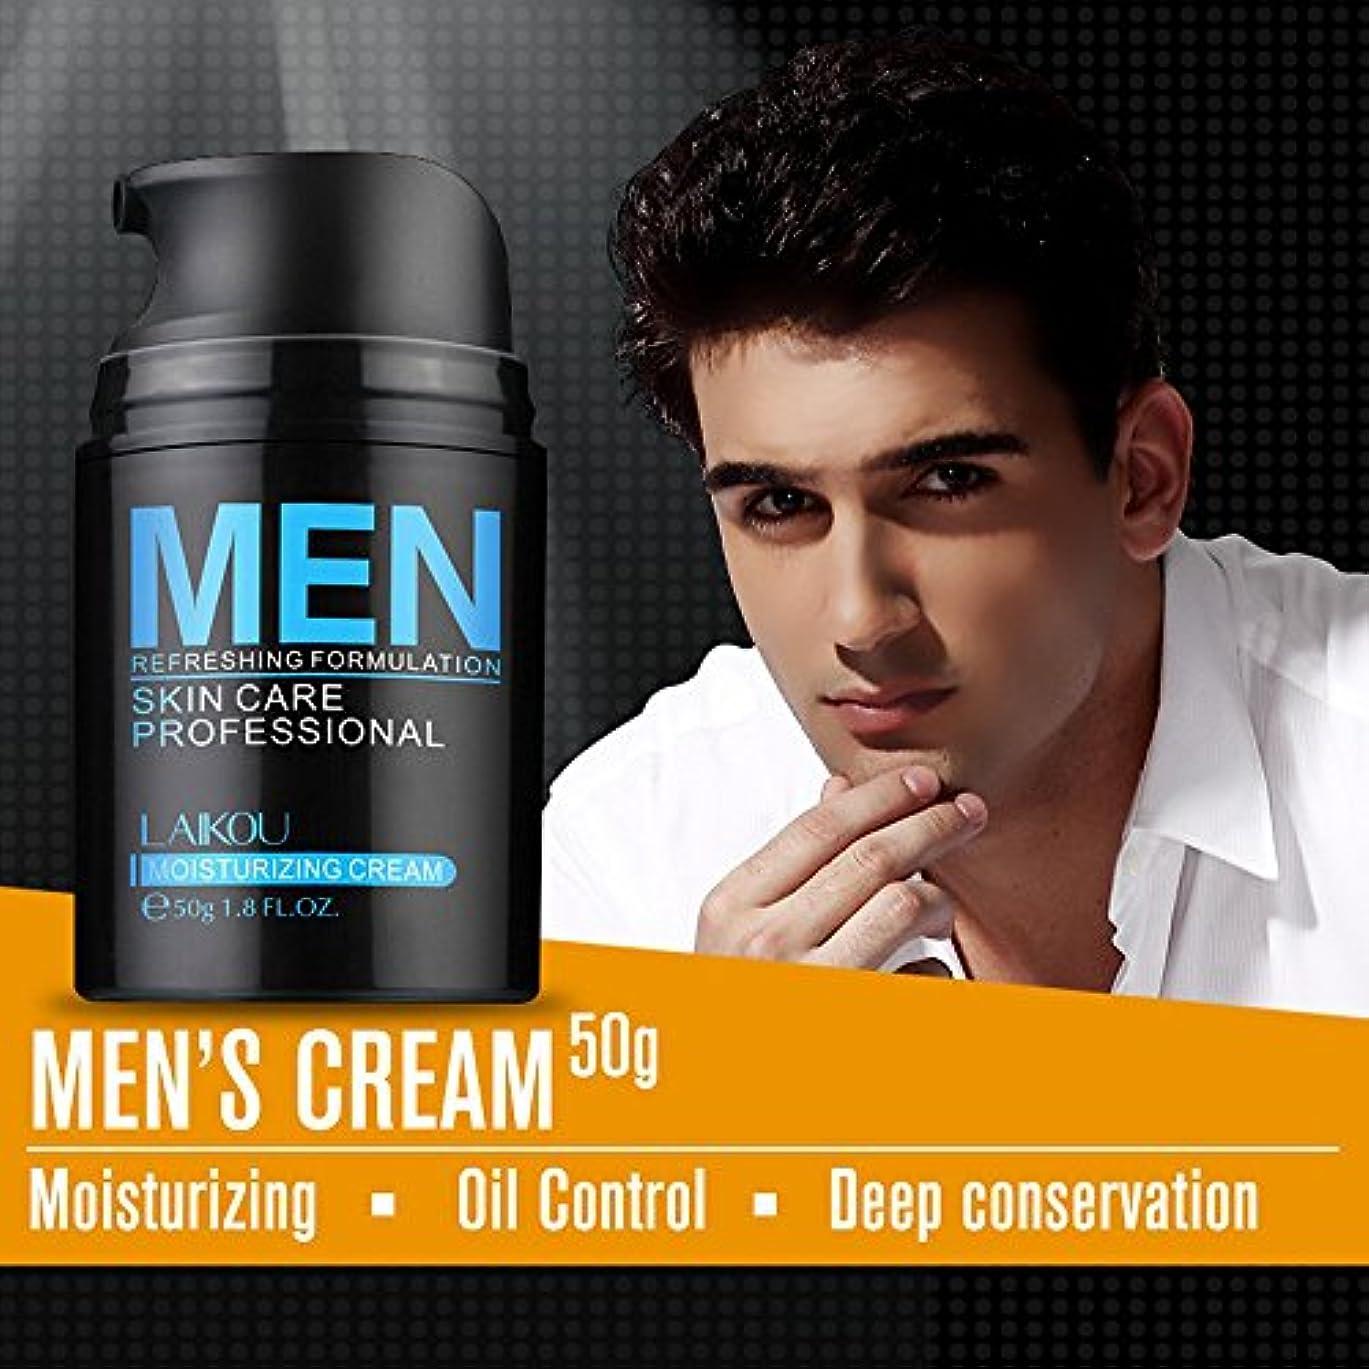 興奮する木製失敗Akane LAIKOU 男子 押す 顔洗い 素敵 水分補給 オイルコントロール 保湿 すがすがしい 角質除去 クレンジング 浄化 使いやすい 洗顔料 アロエクリーム